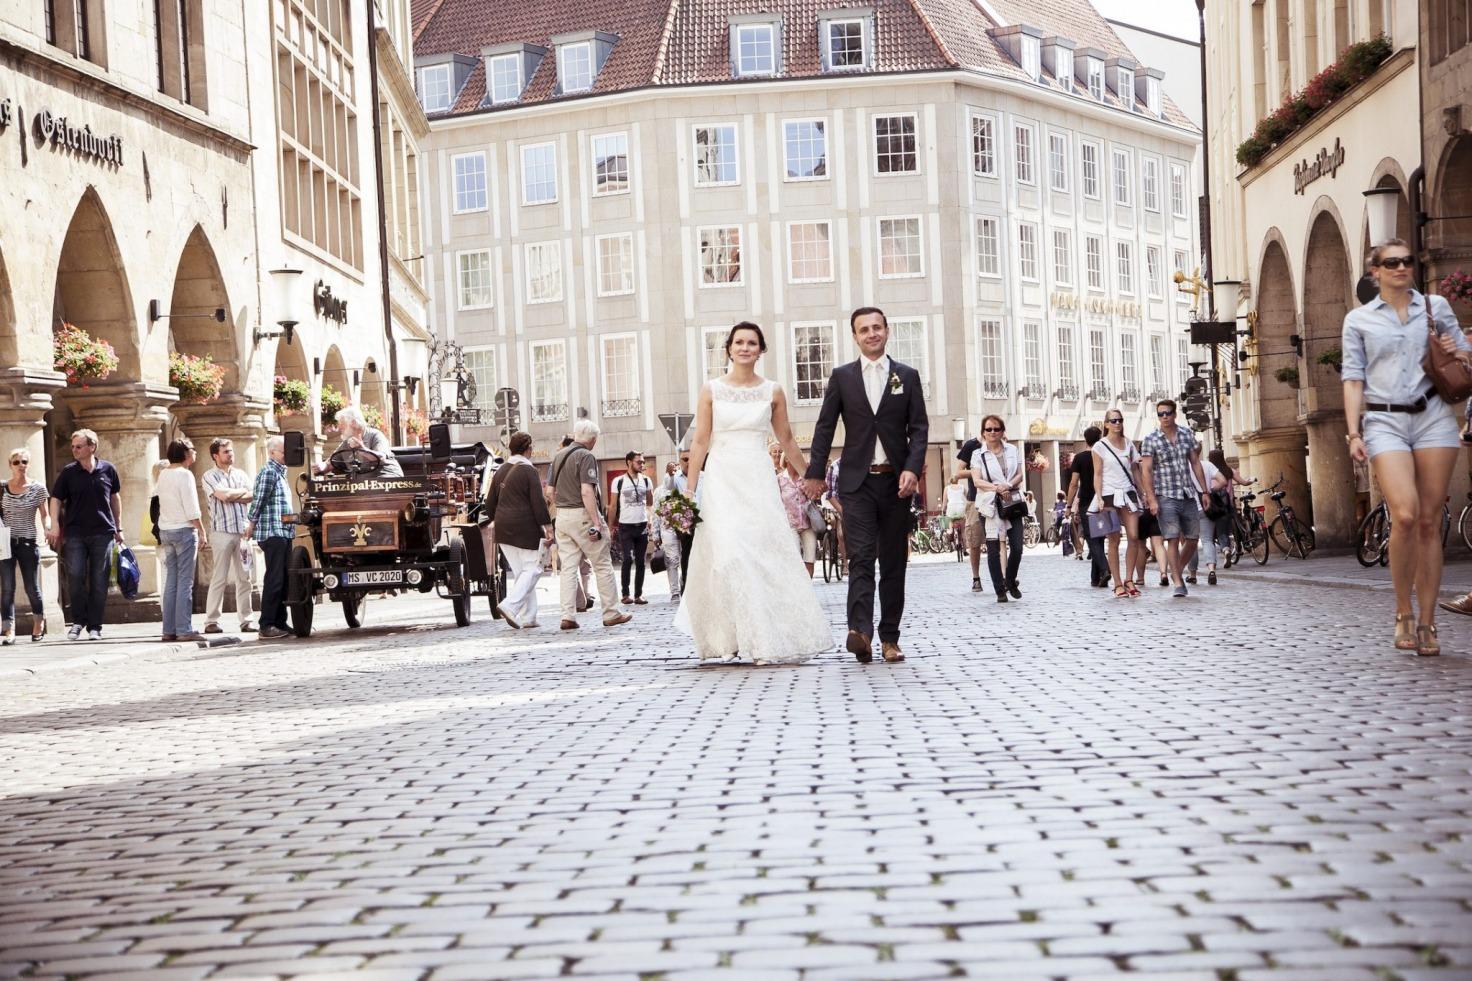 Hochzeit von Laura und Jan in Münster: Brautpaar geht Hand in Hand in der Stadt spazieren